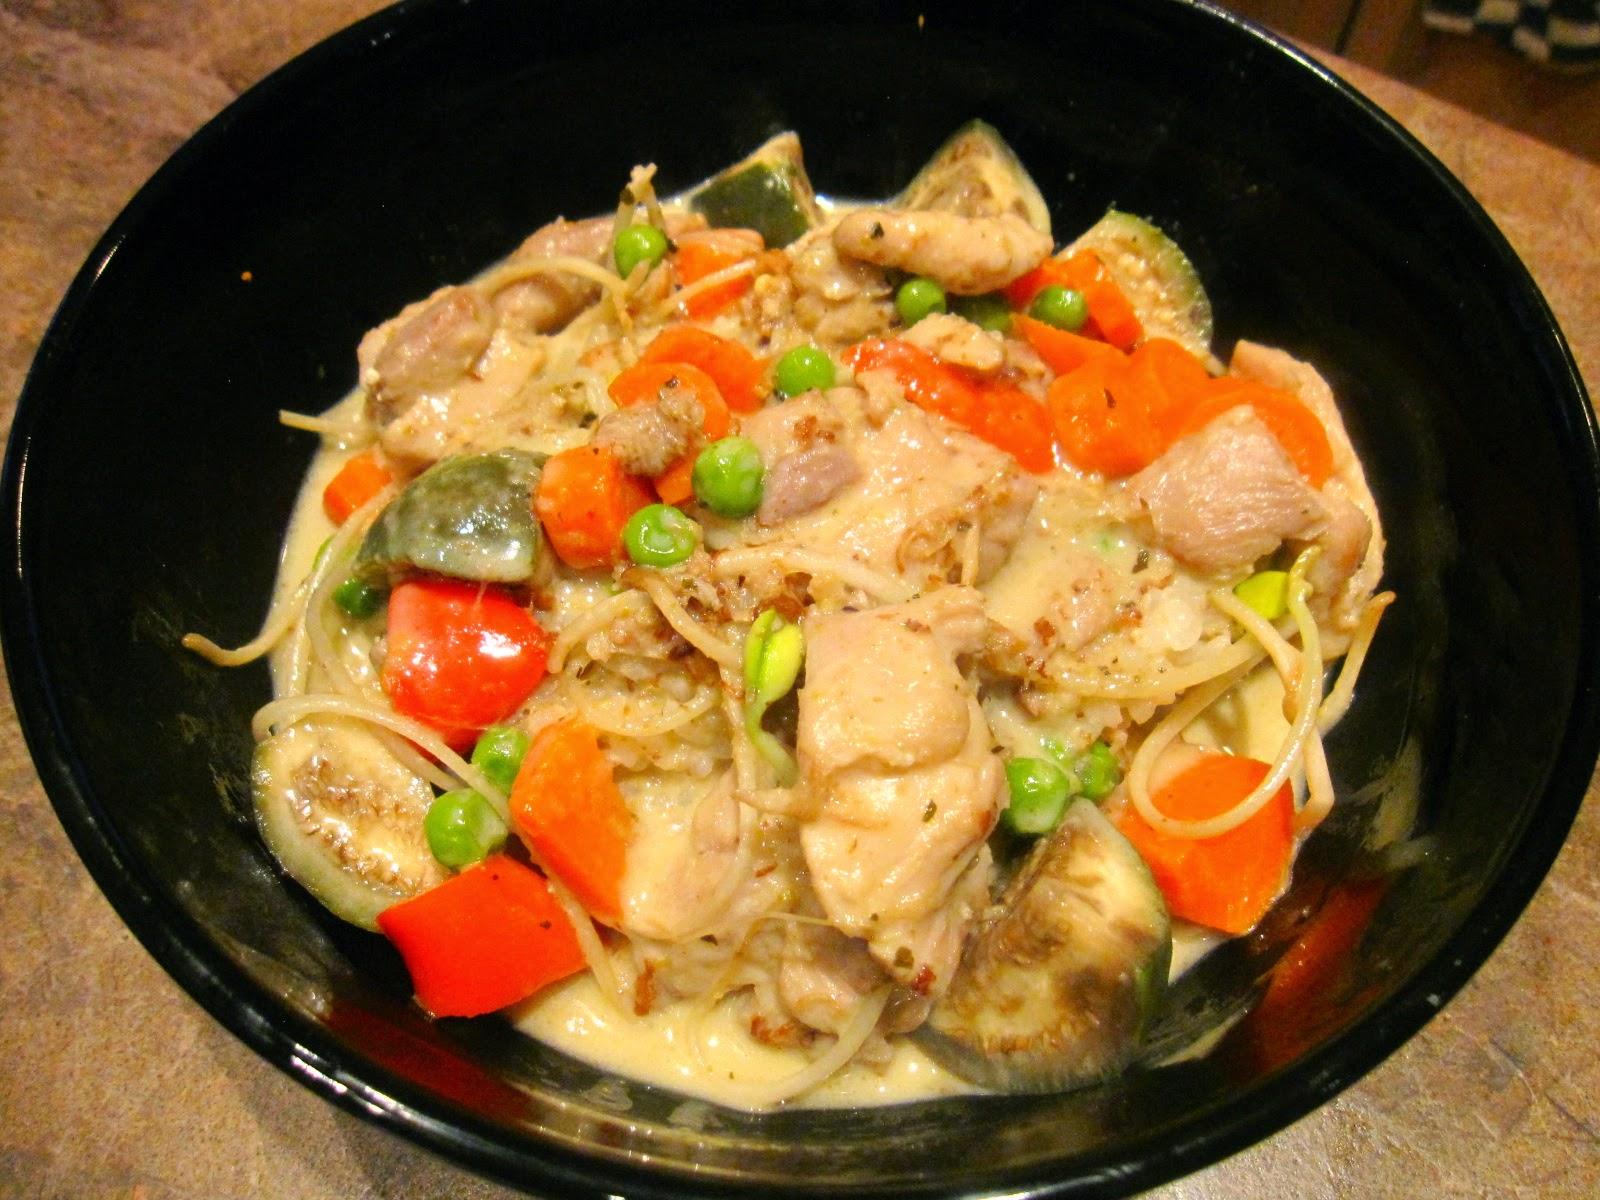 【靜姐上菜】Jean的廚房飲食歡樂記: 綠咖哩雞腿飯 (臺式煮法)